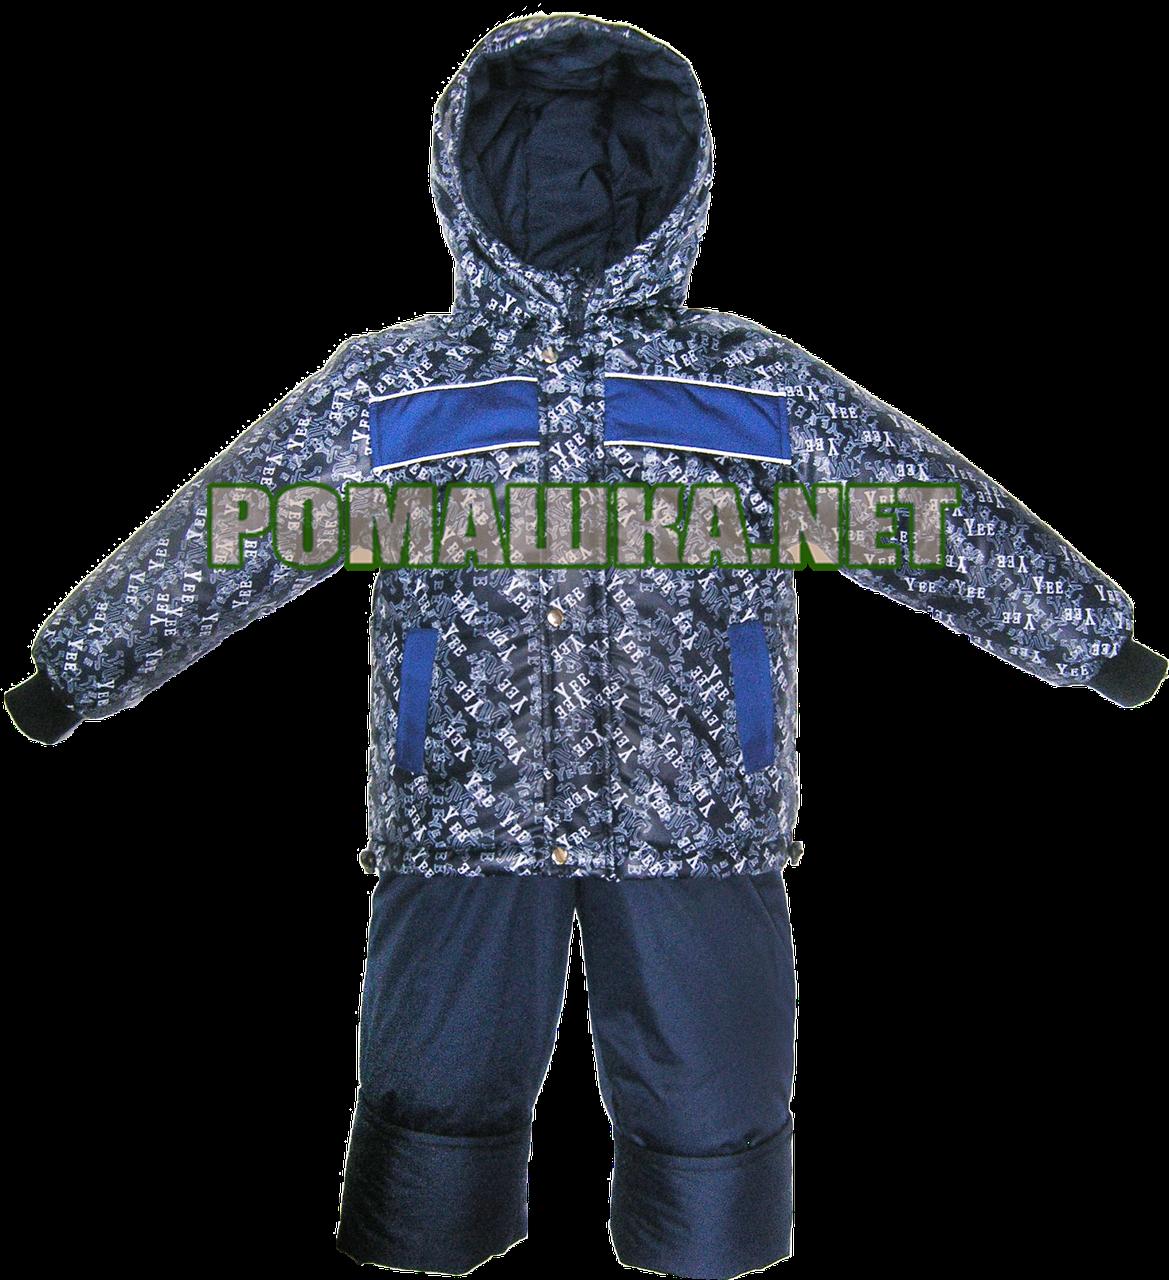 Детский весенний осенний комбинезон р. 92 для мальчика куртка и полукомбинезон на флисе 3008 Синий - Детский интернет-магазин «Ромашка» в Киеве